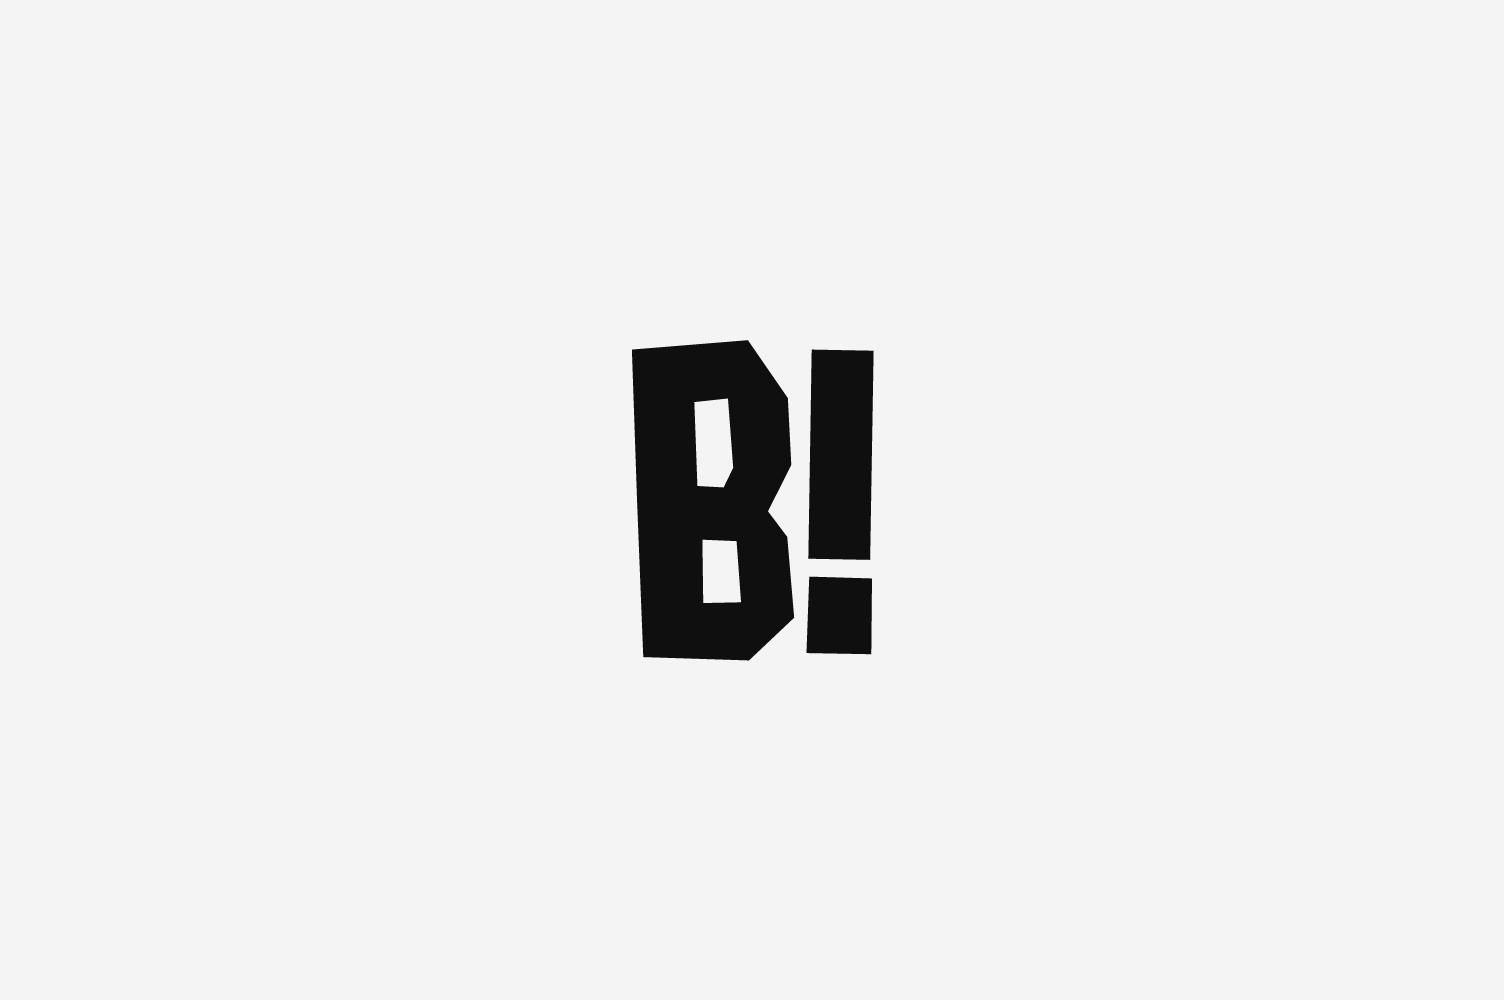 Bioparc logotipo pase Berde! en Comunicación Bioparc